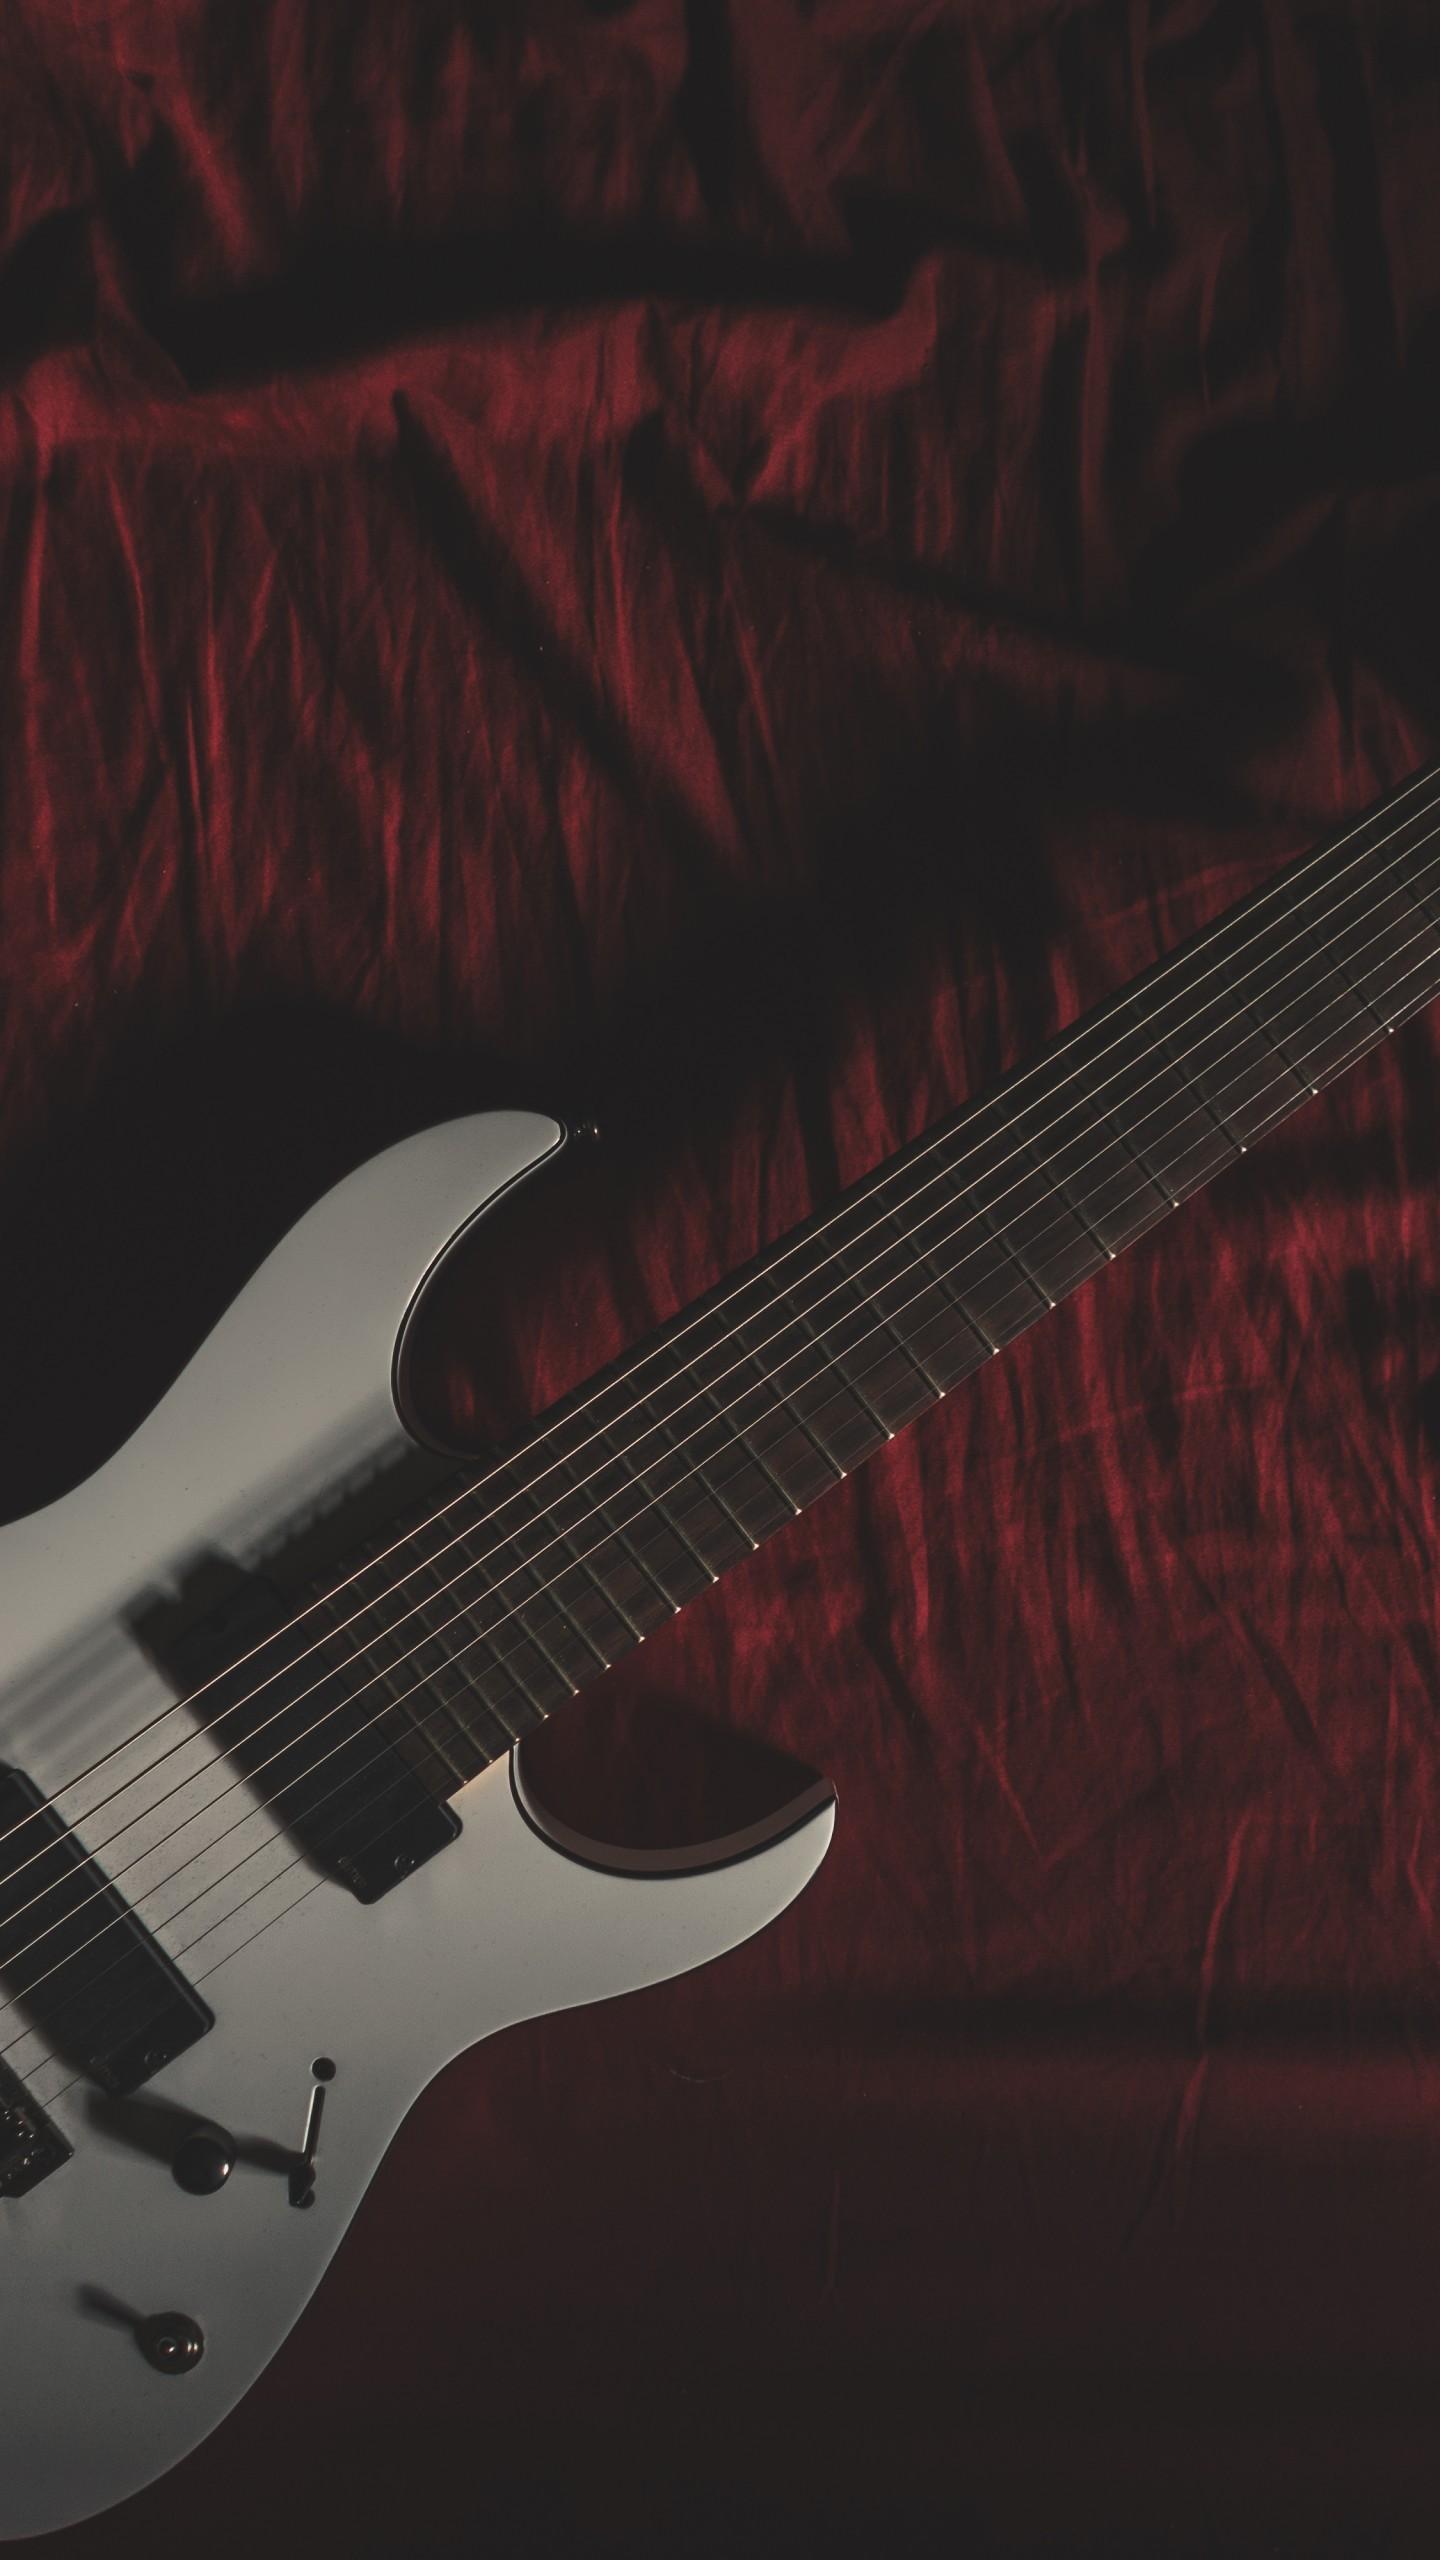 عکس زمینه گیتار سفید بر روی تخت پس زمینه